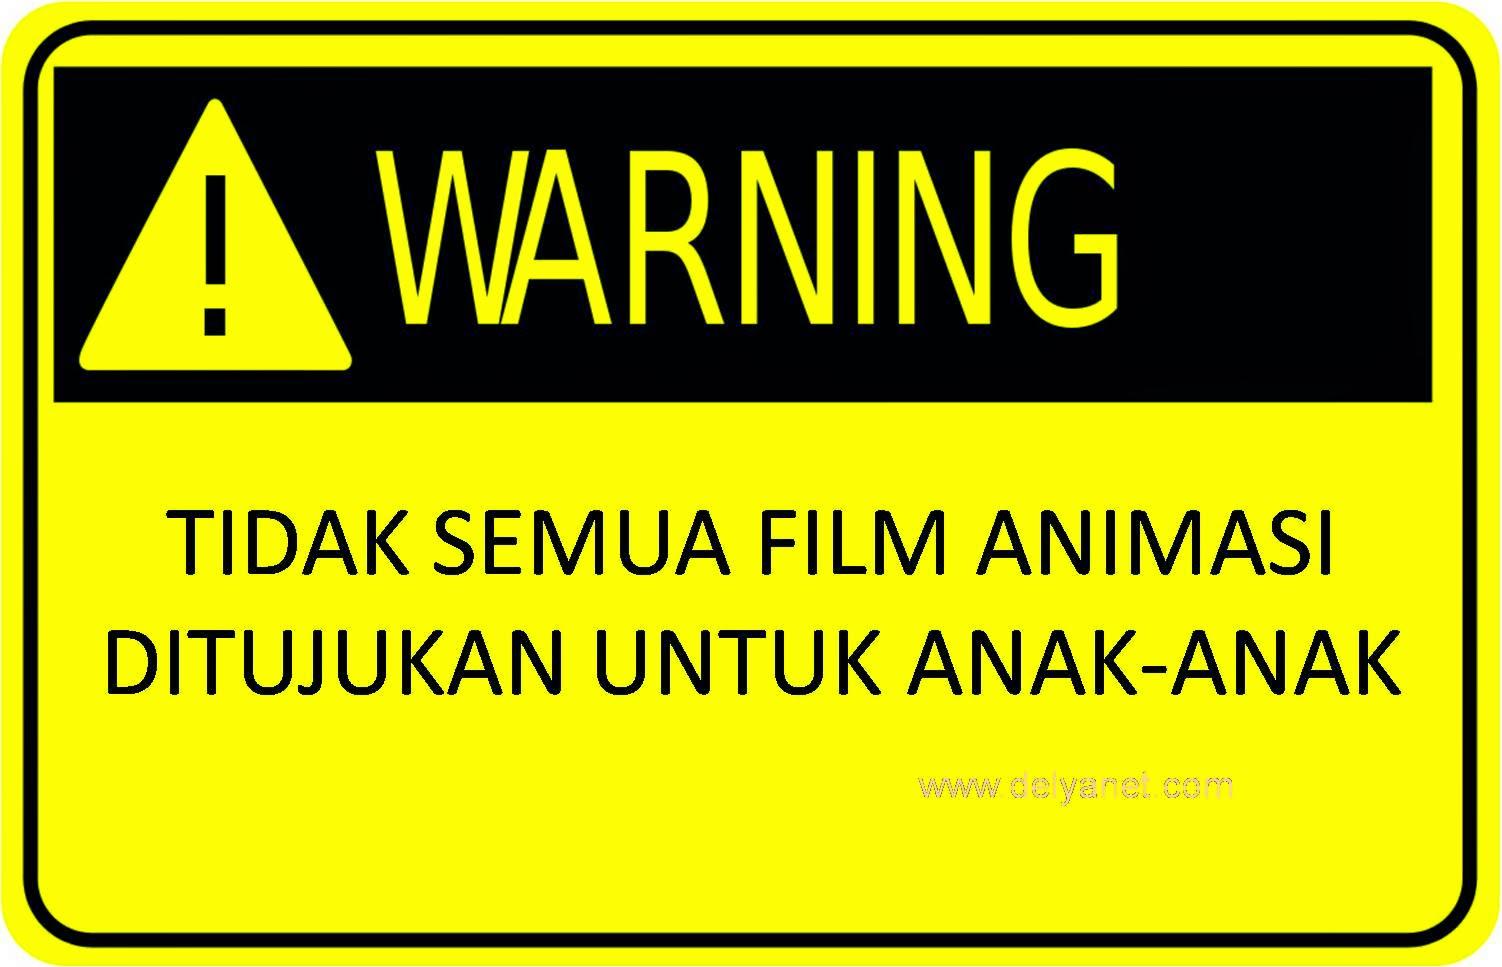 Tidak semua film animasi ditujukan untuk anak-anak